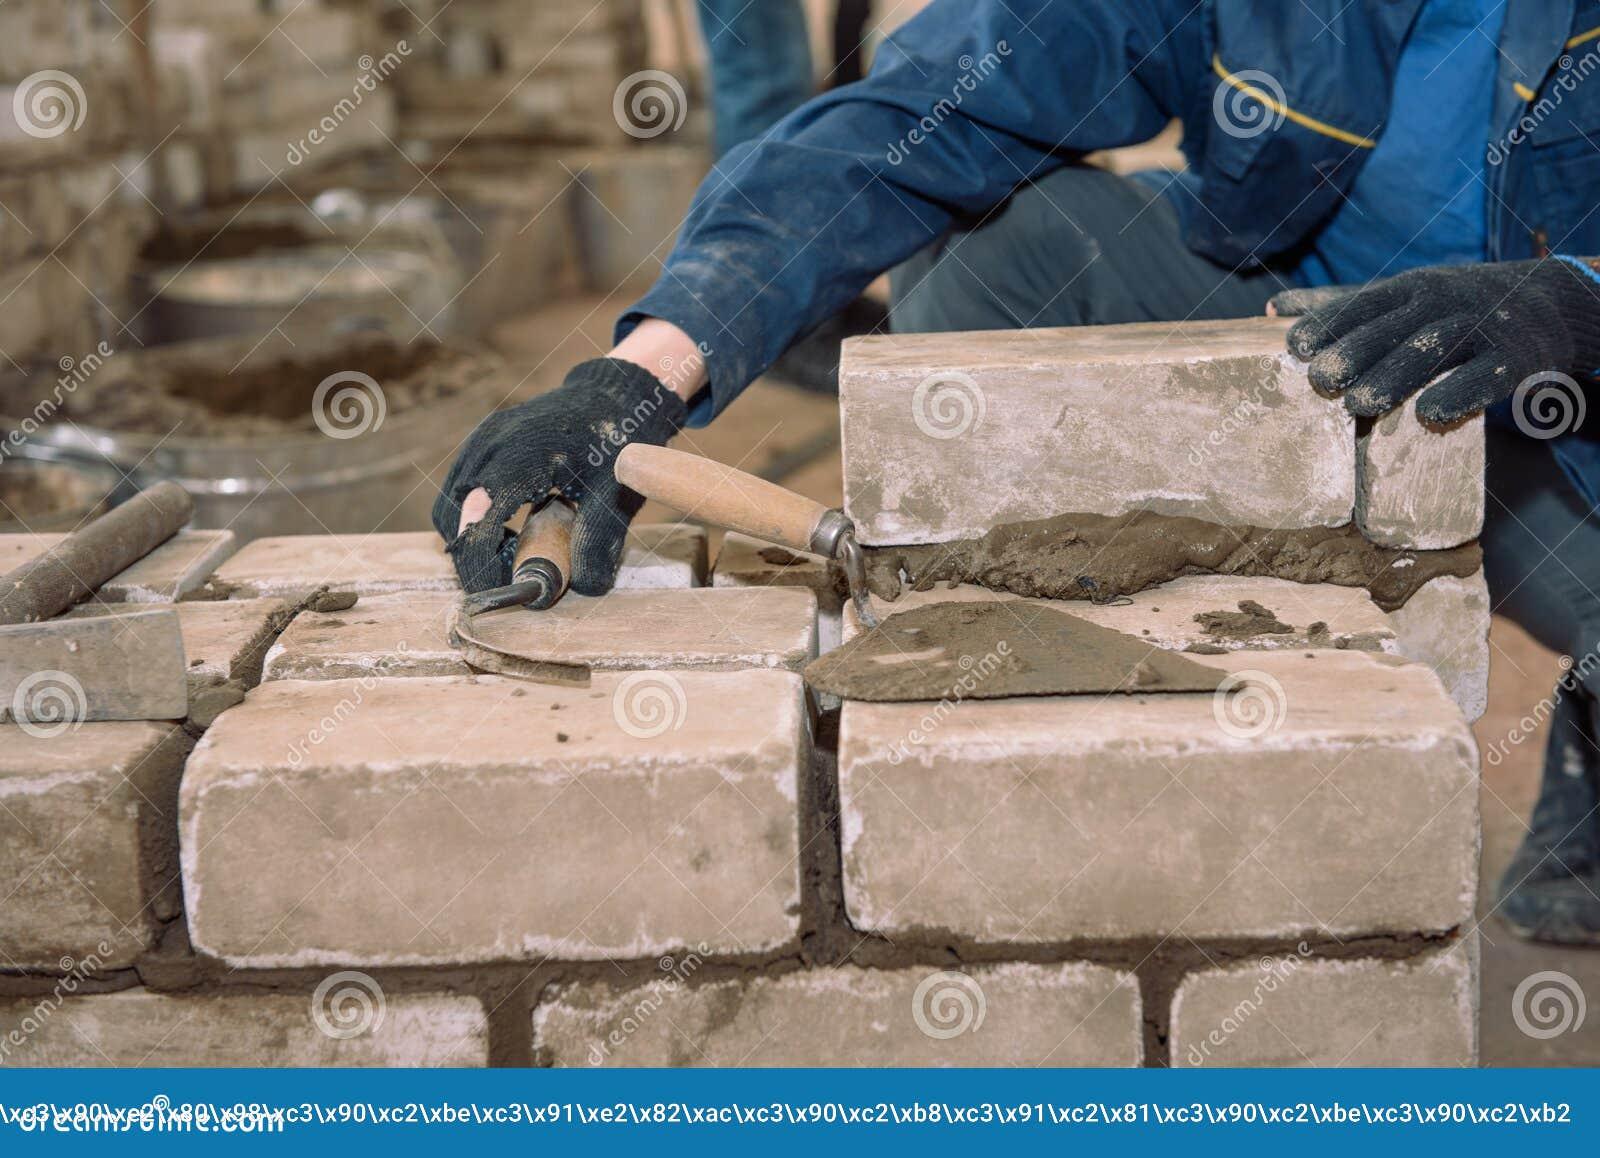 Construisez un mur des briques Les étudiants apprennent à étendre des briques Briques de lien de ciment Ciment tassé par spatule